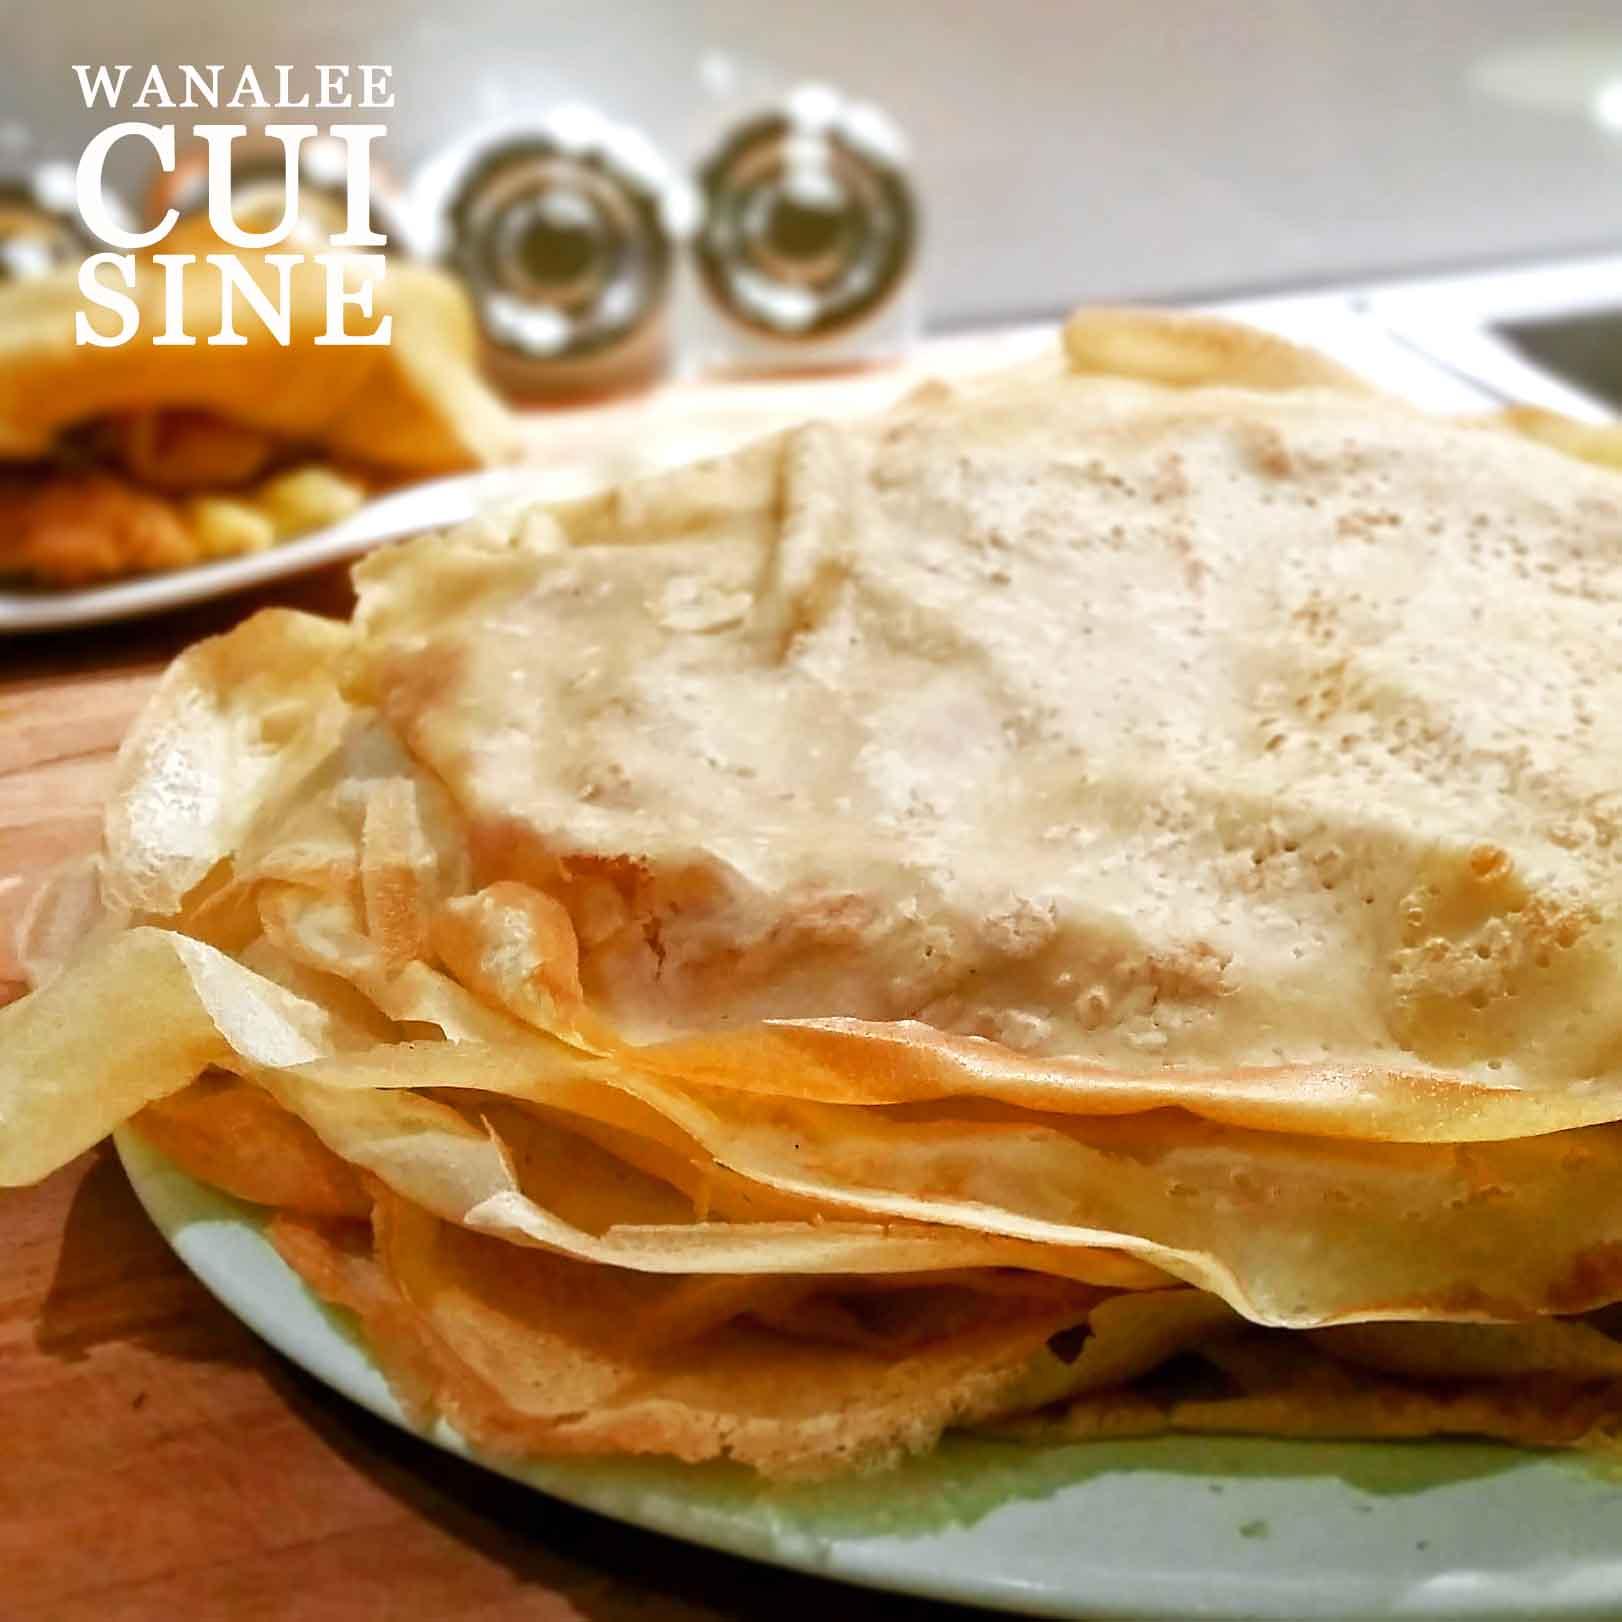 chandeleur wanalee cuisine